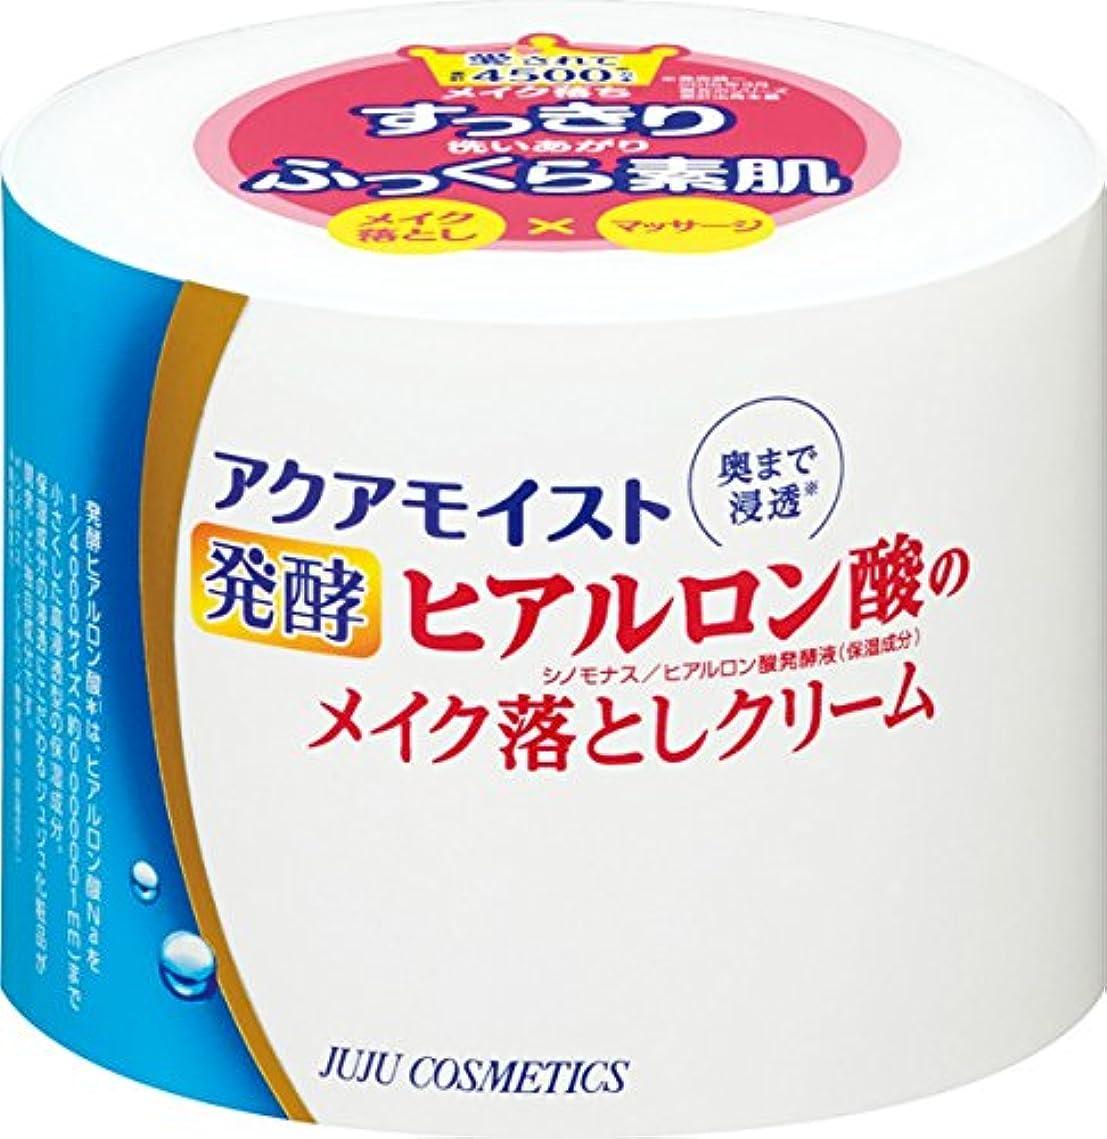 是正する十一カウントアップアクアモイスト 発酵ヒアルロン酸のメイク落としクリーム 160g